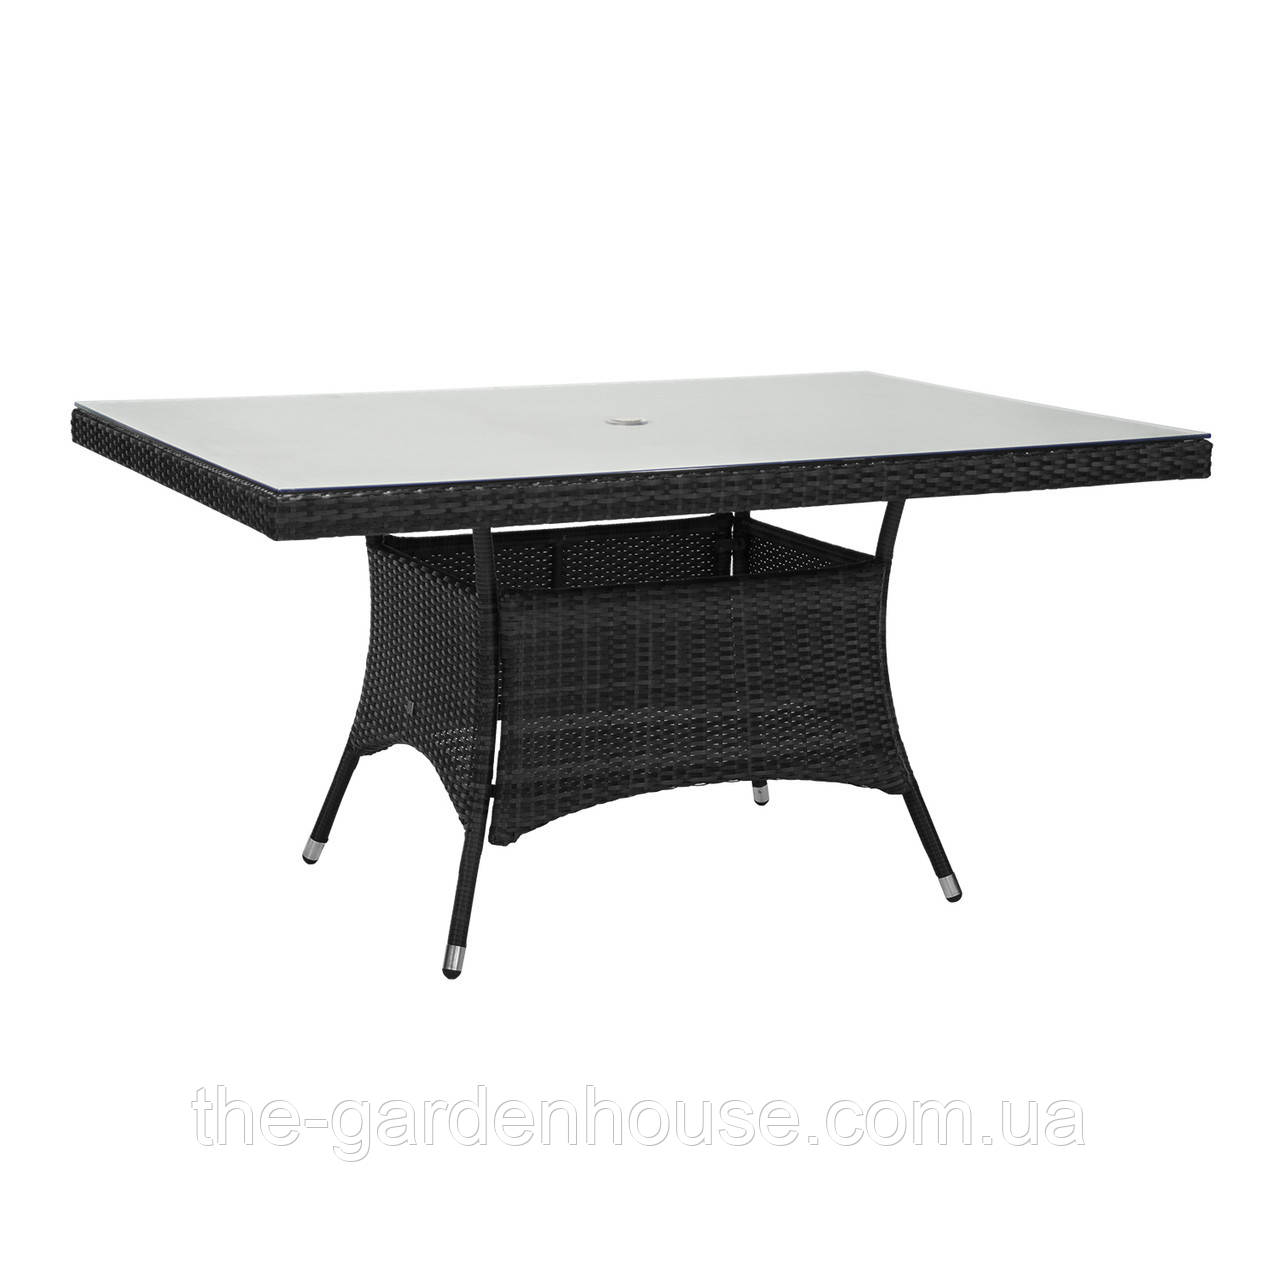 Обеденный стол Wicker из искусственного ротанга со стеклом 150x100 см черный